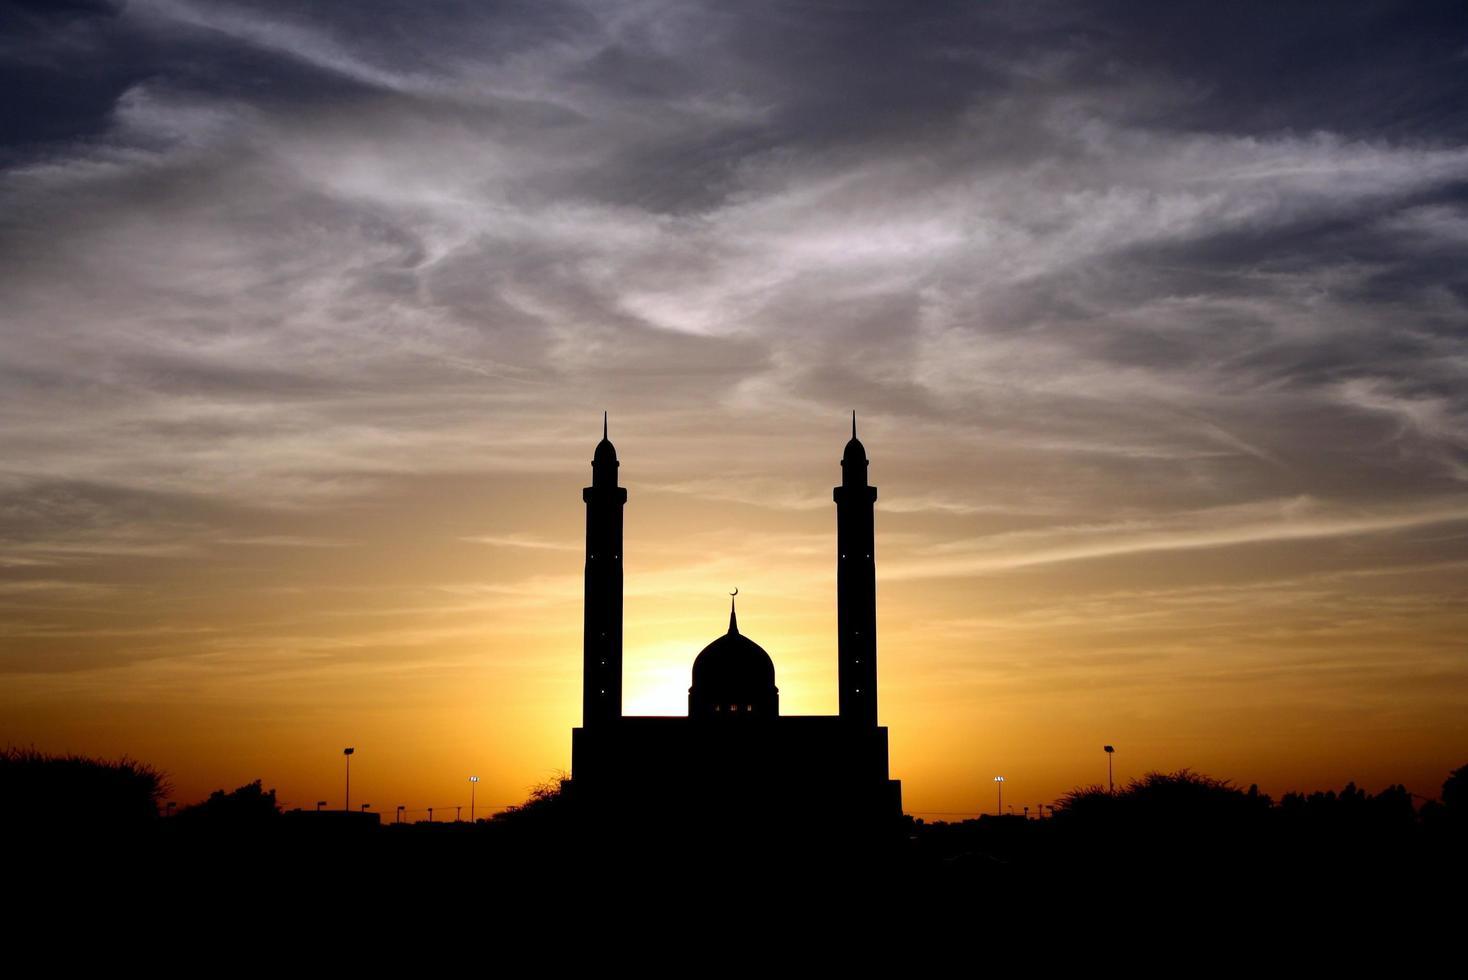 silueta de la mezquita bajo el cielo nublado foto